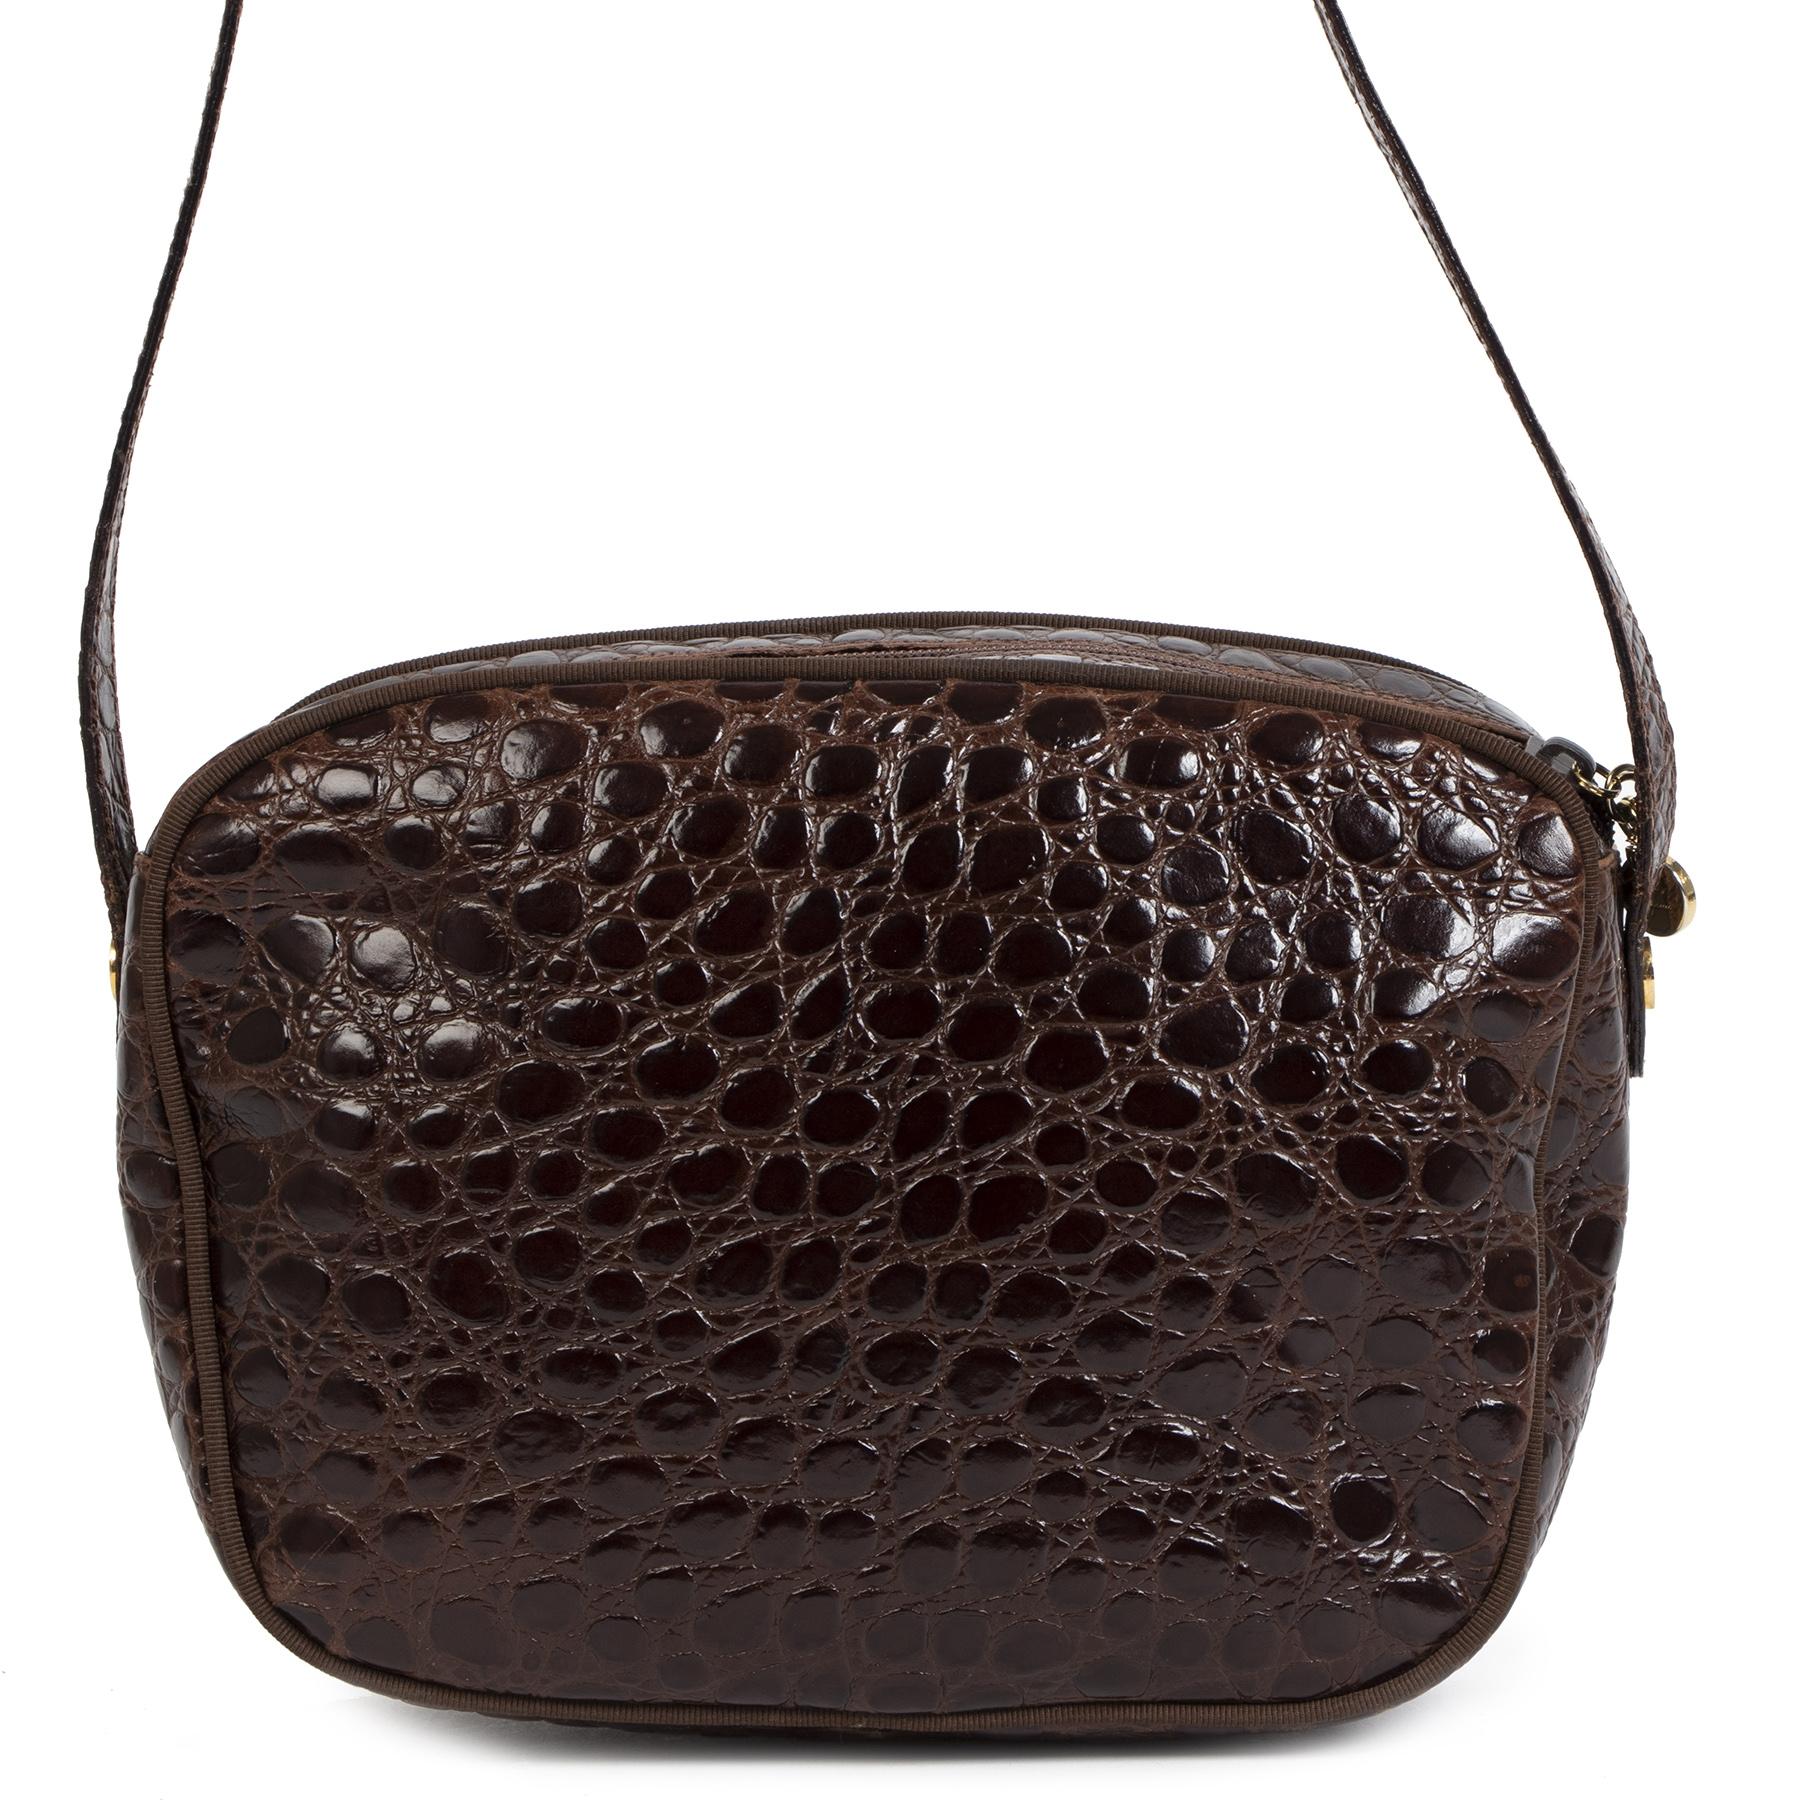 Authentieke Tweedehands Salvatore Ferragamo Dark Brown Crocodile Embossed Crossbody Bag juiste prijs veilig online shoppen luxe merken webshop winkelen Antwerpen België mode fashion